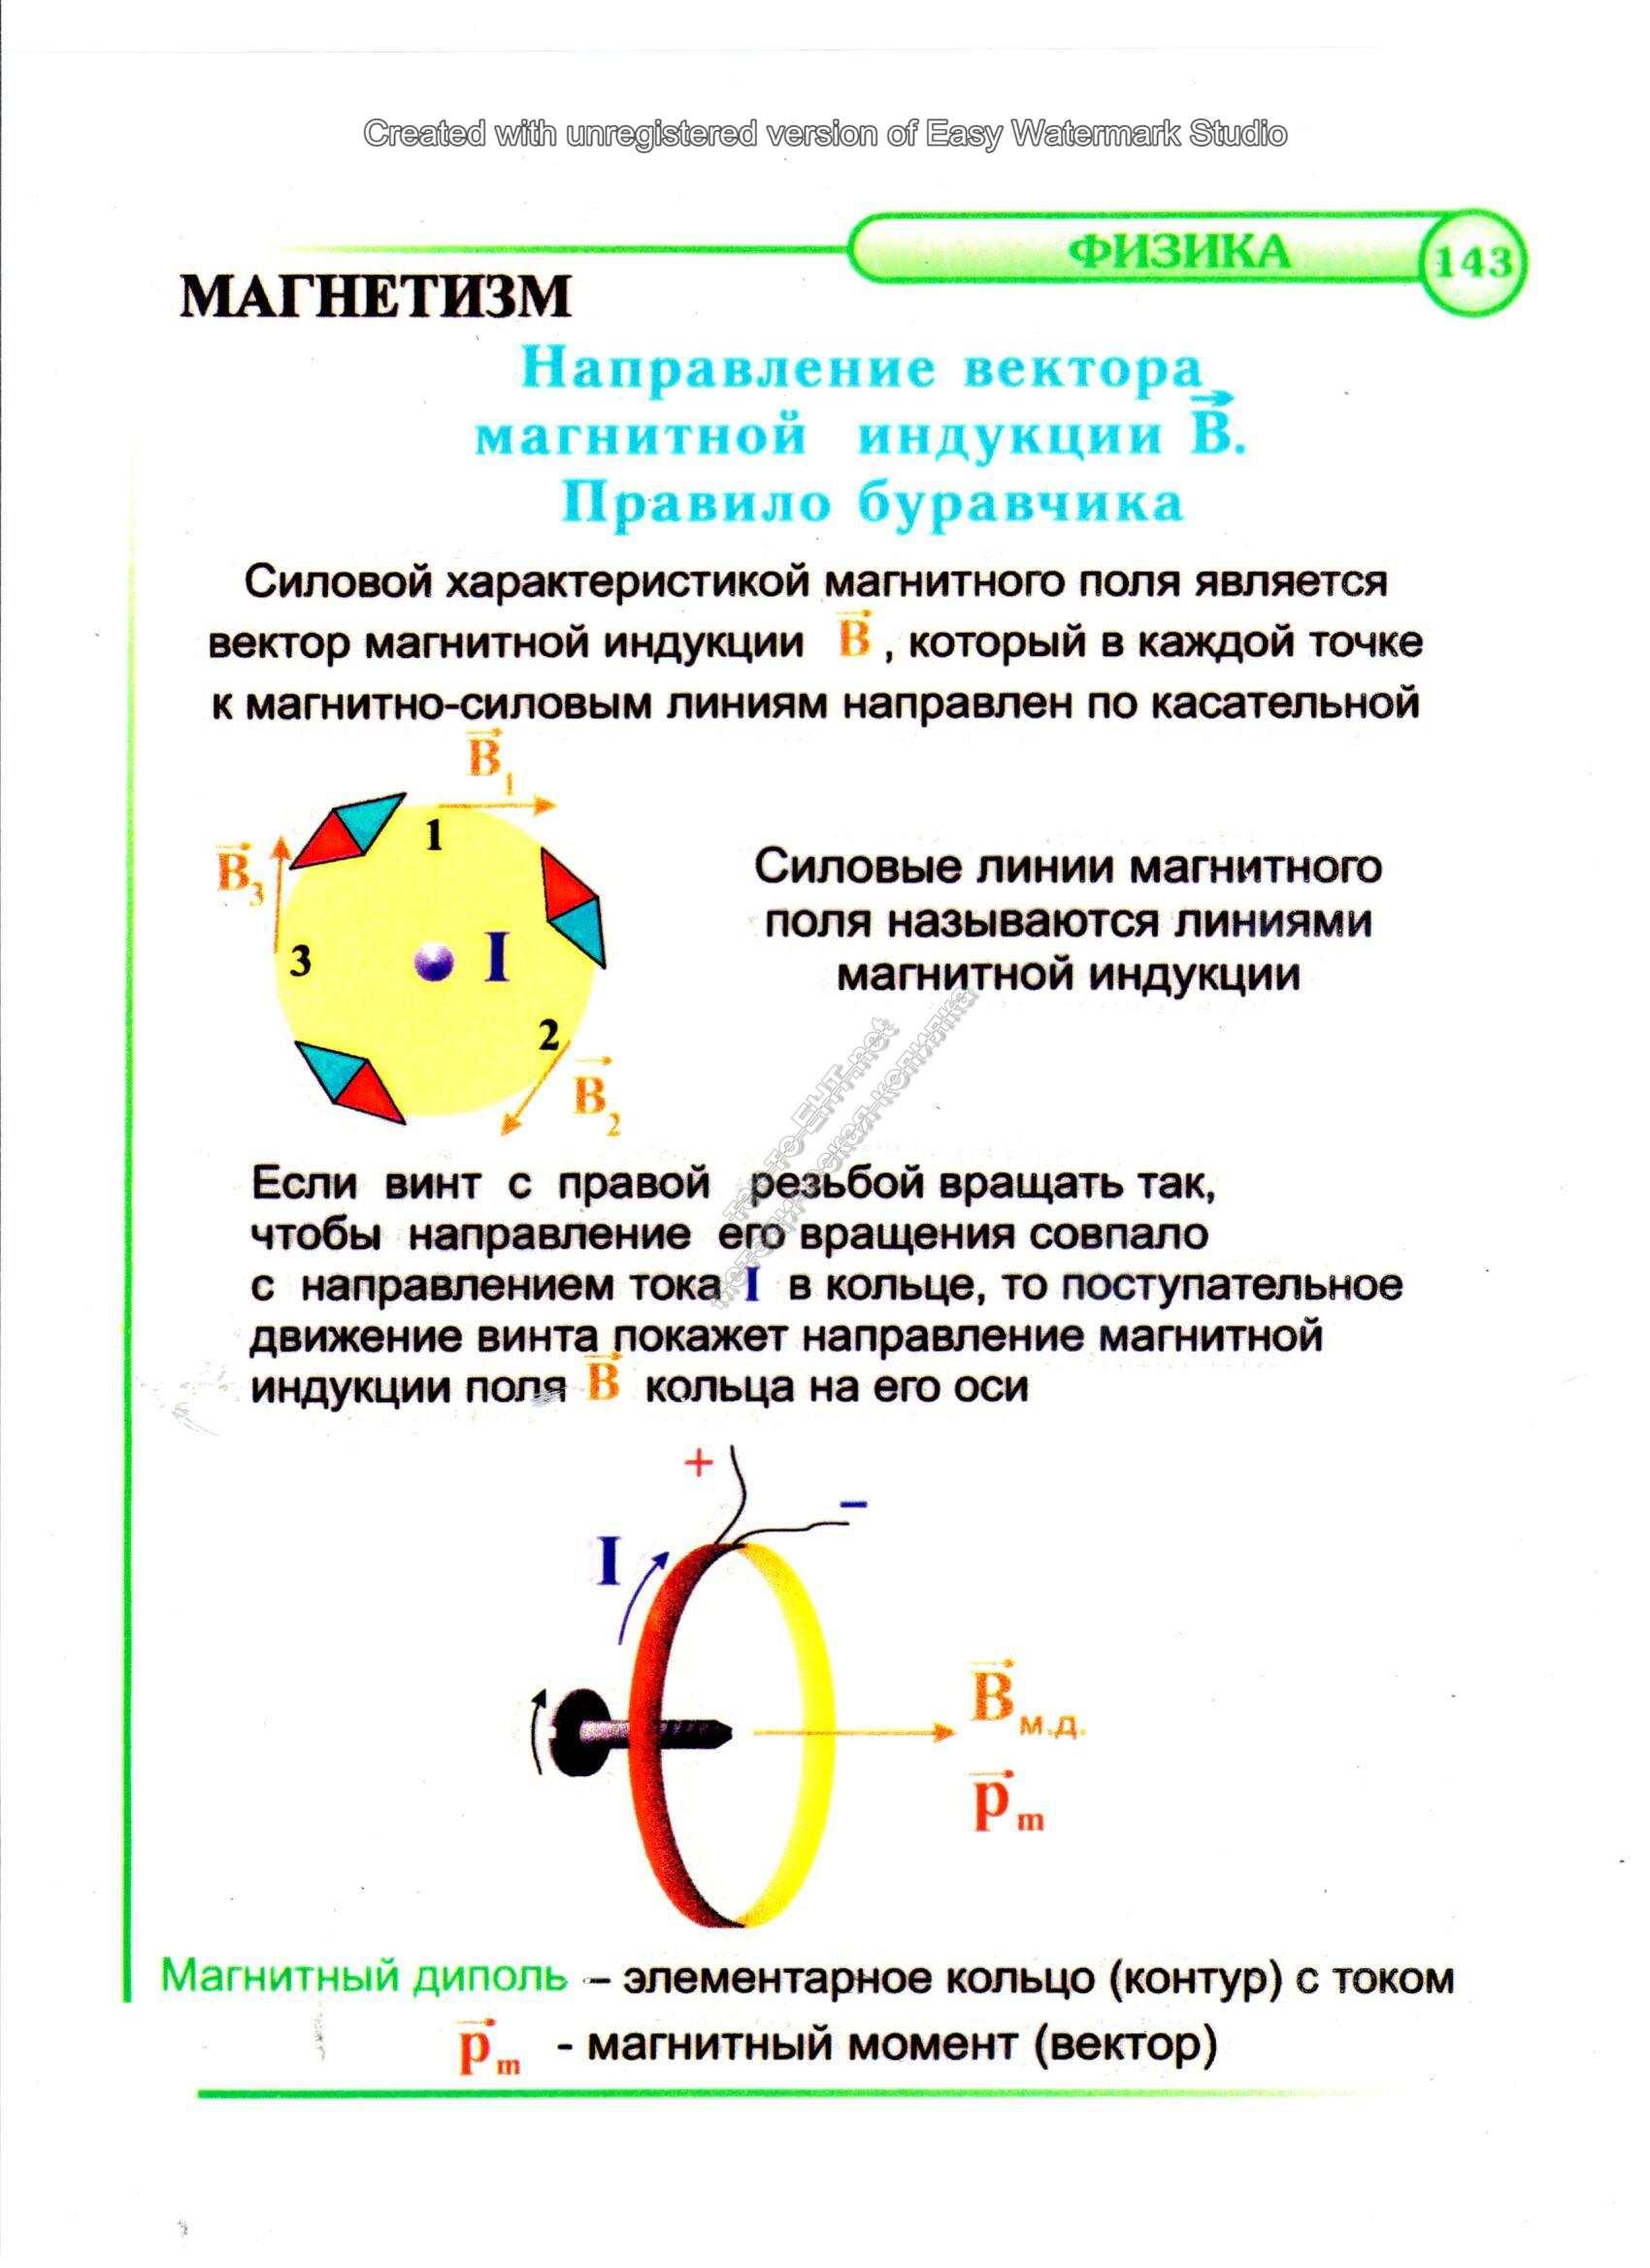 Направление вектора индукции В. Правило буравчика